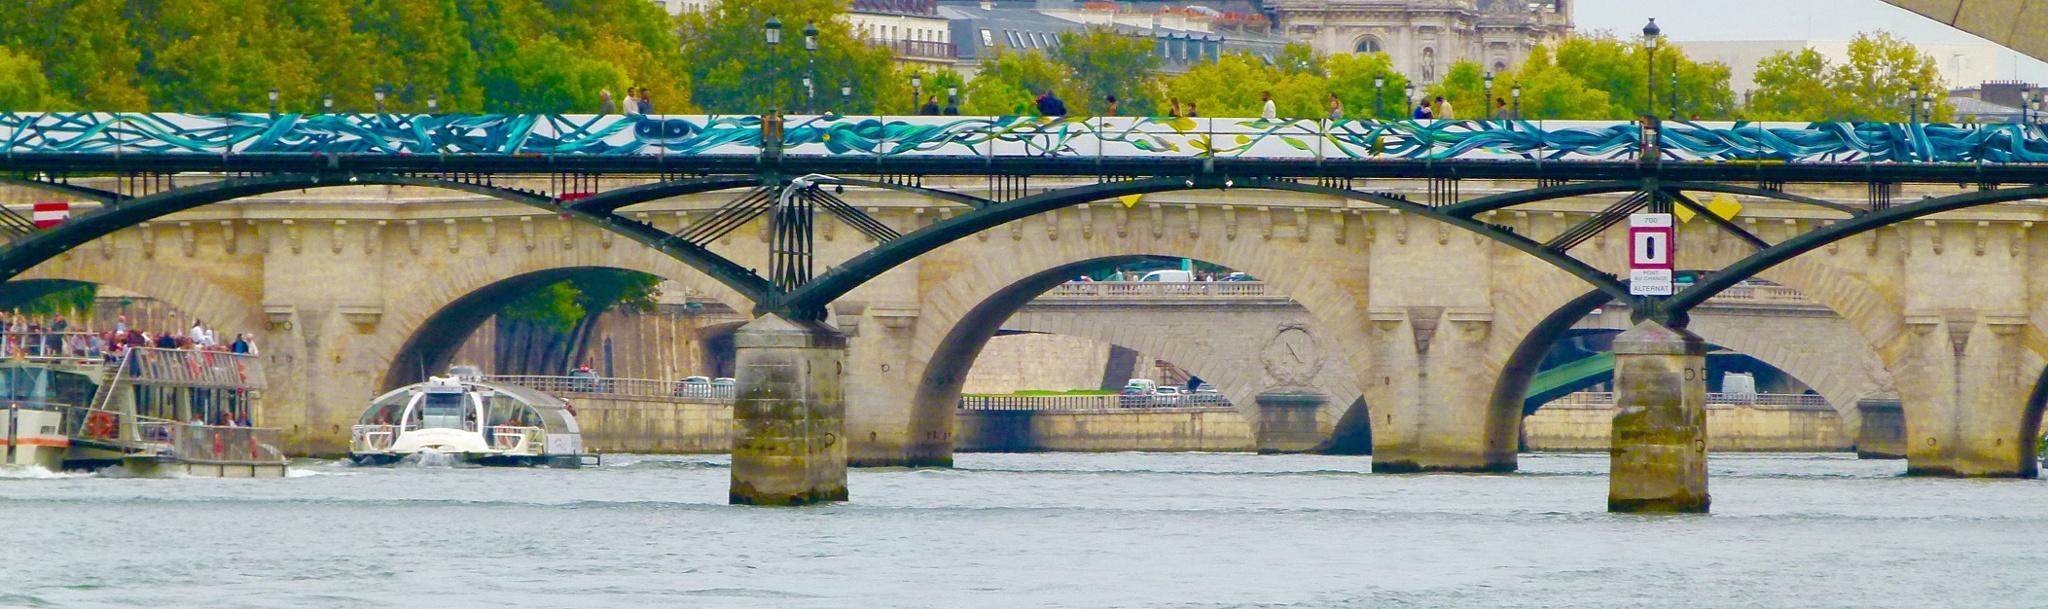 Puentes de París by garoca